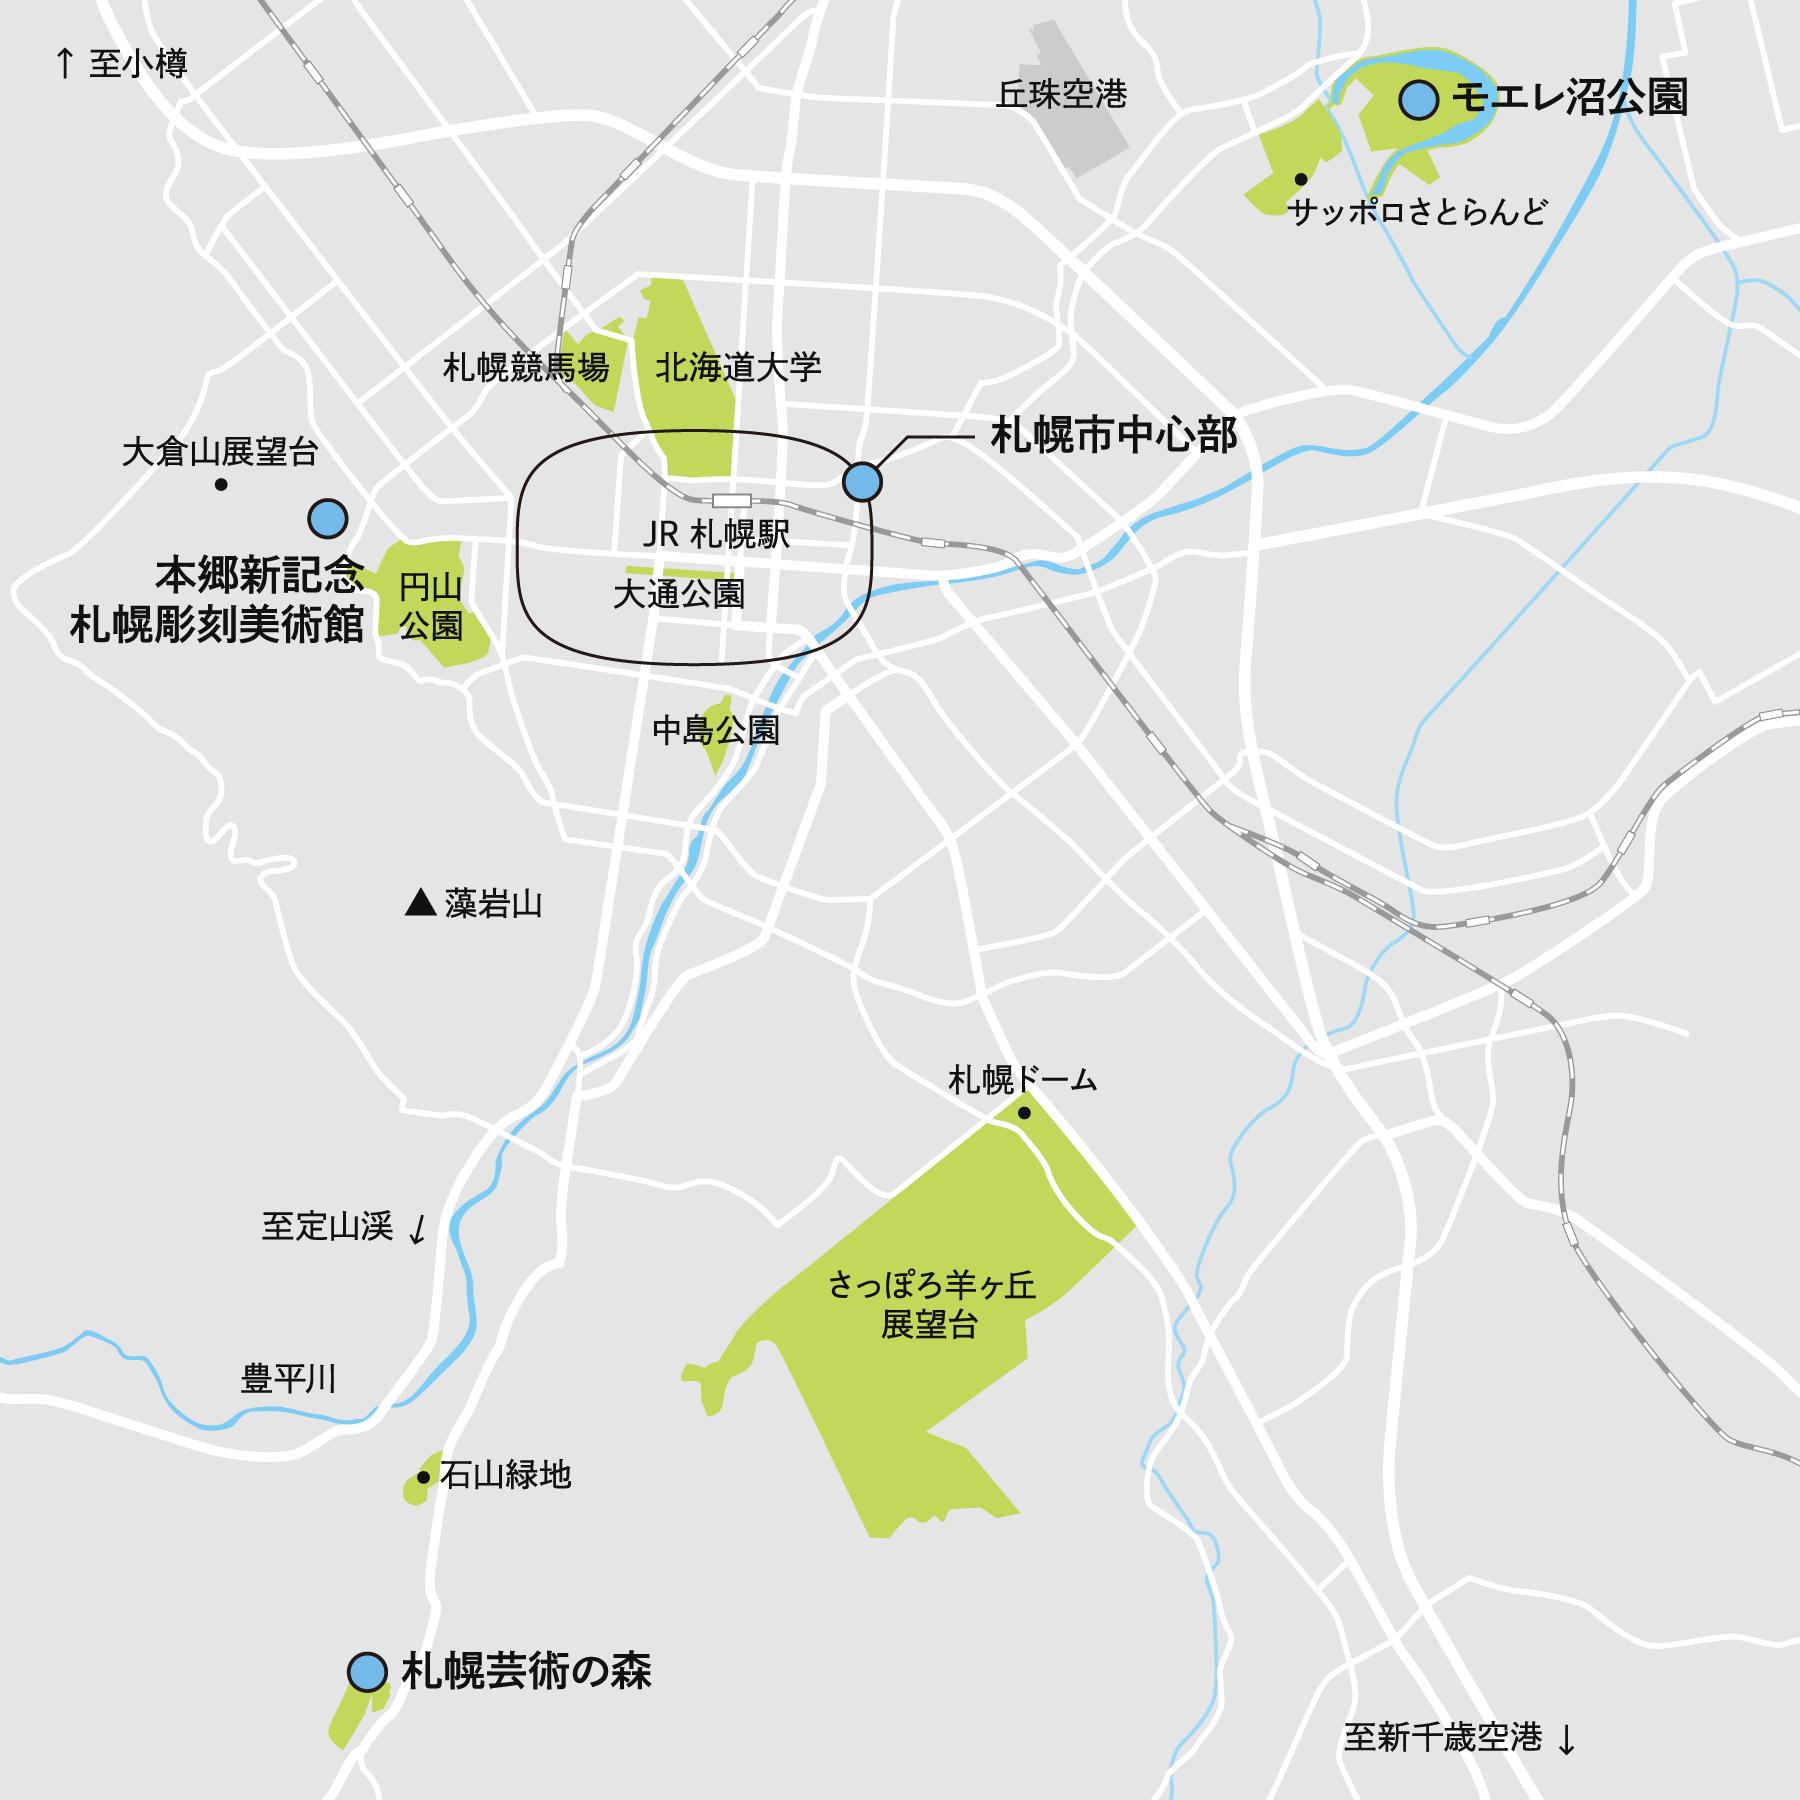 画像:札幌市全域地図